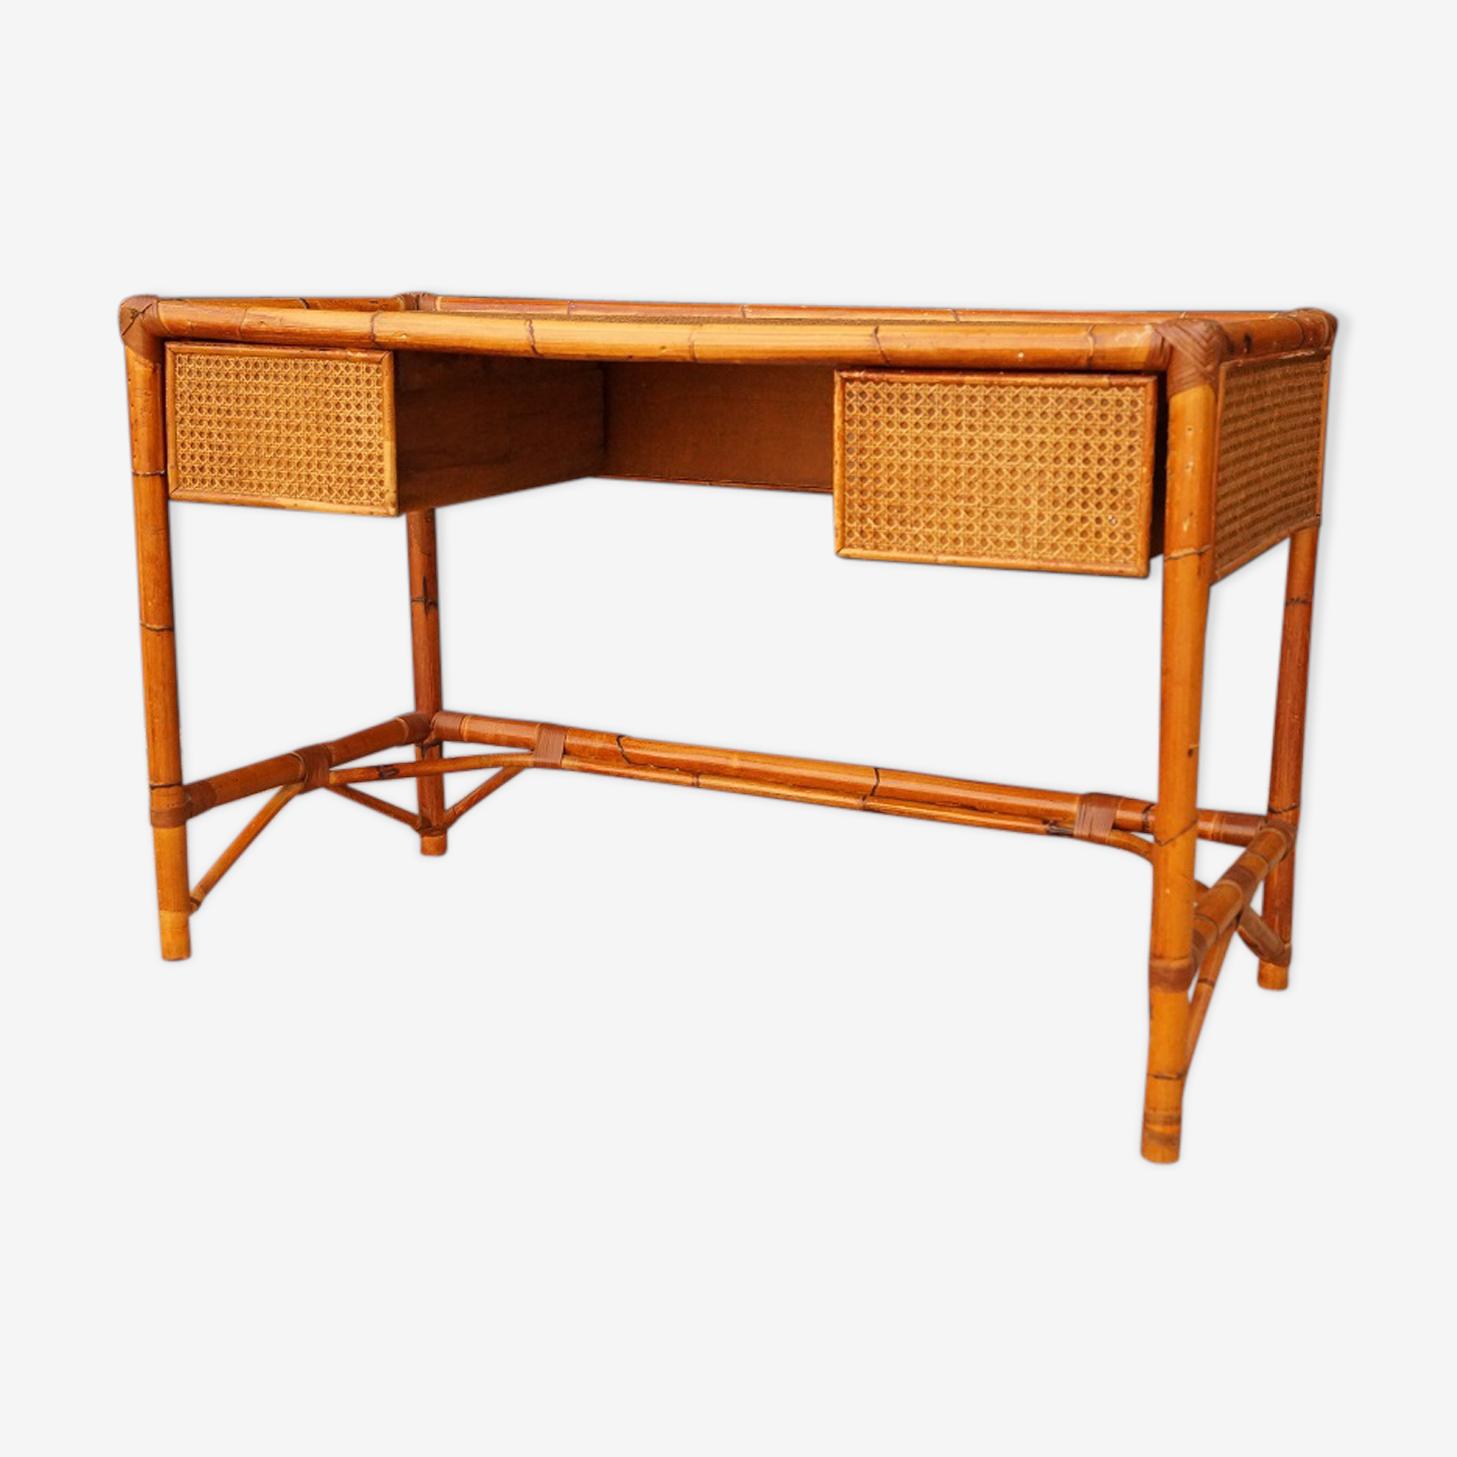 Bureau bambou des années 40